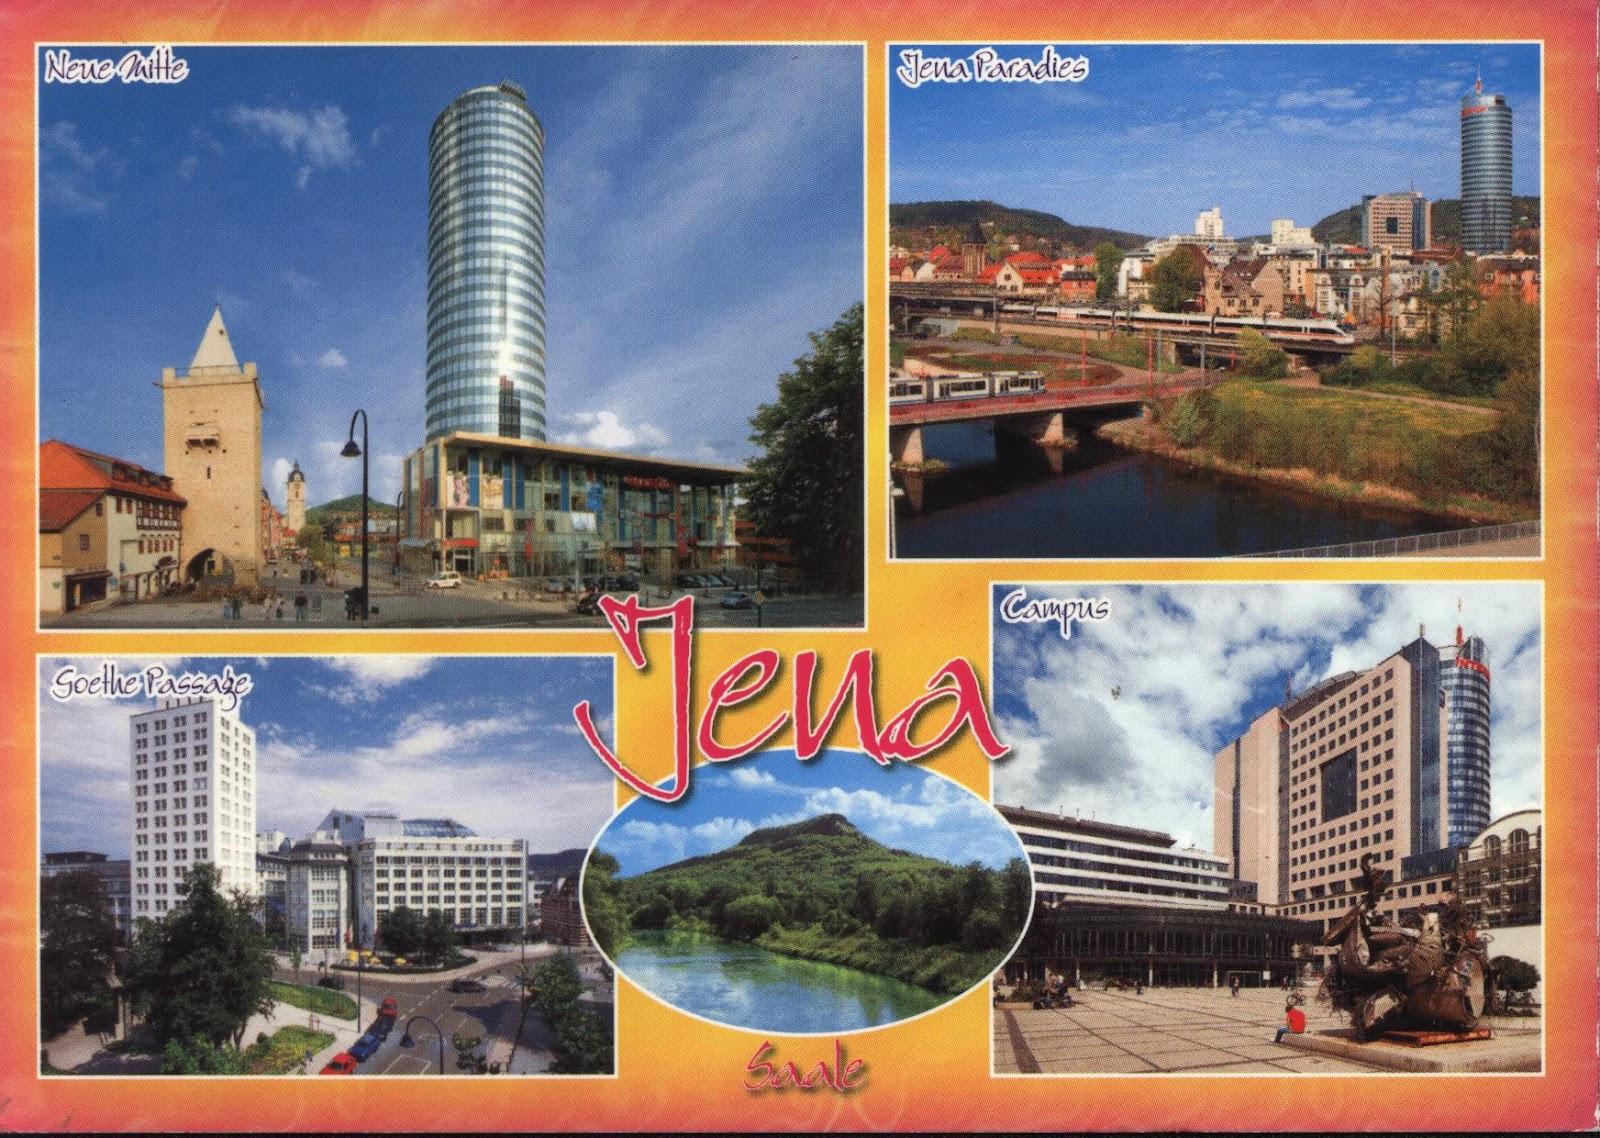 Pošalji mi razglednicu, neću SMS, po azbuci - Page 4 20120511-DE1346721